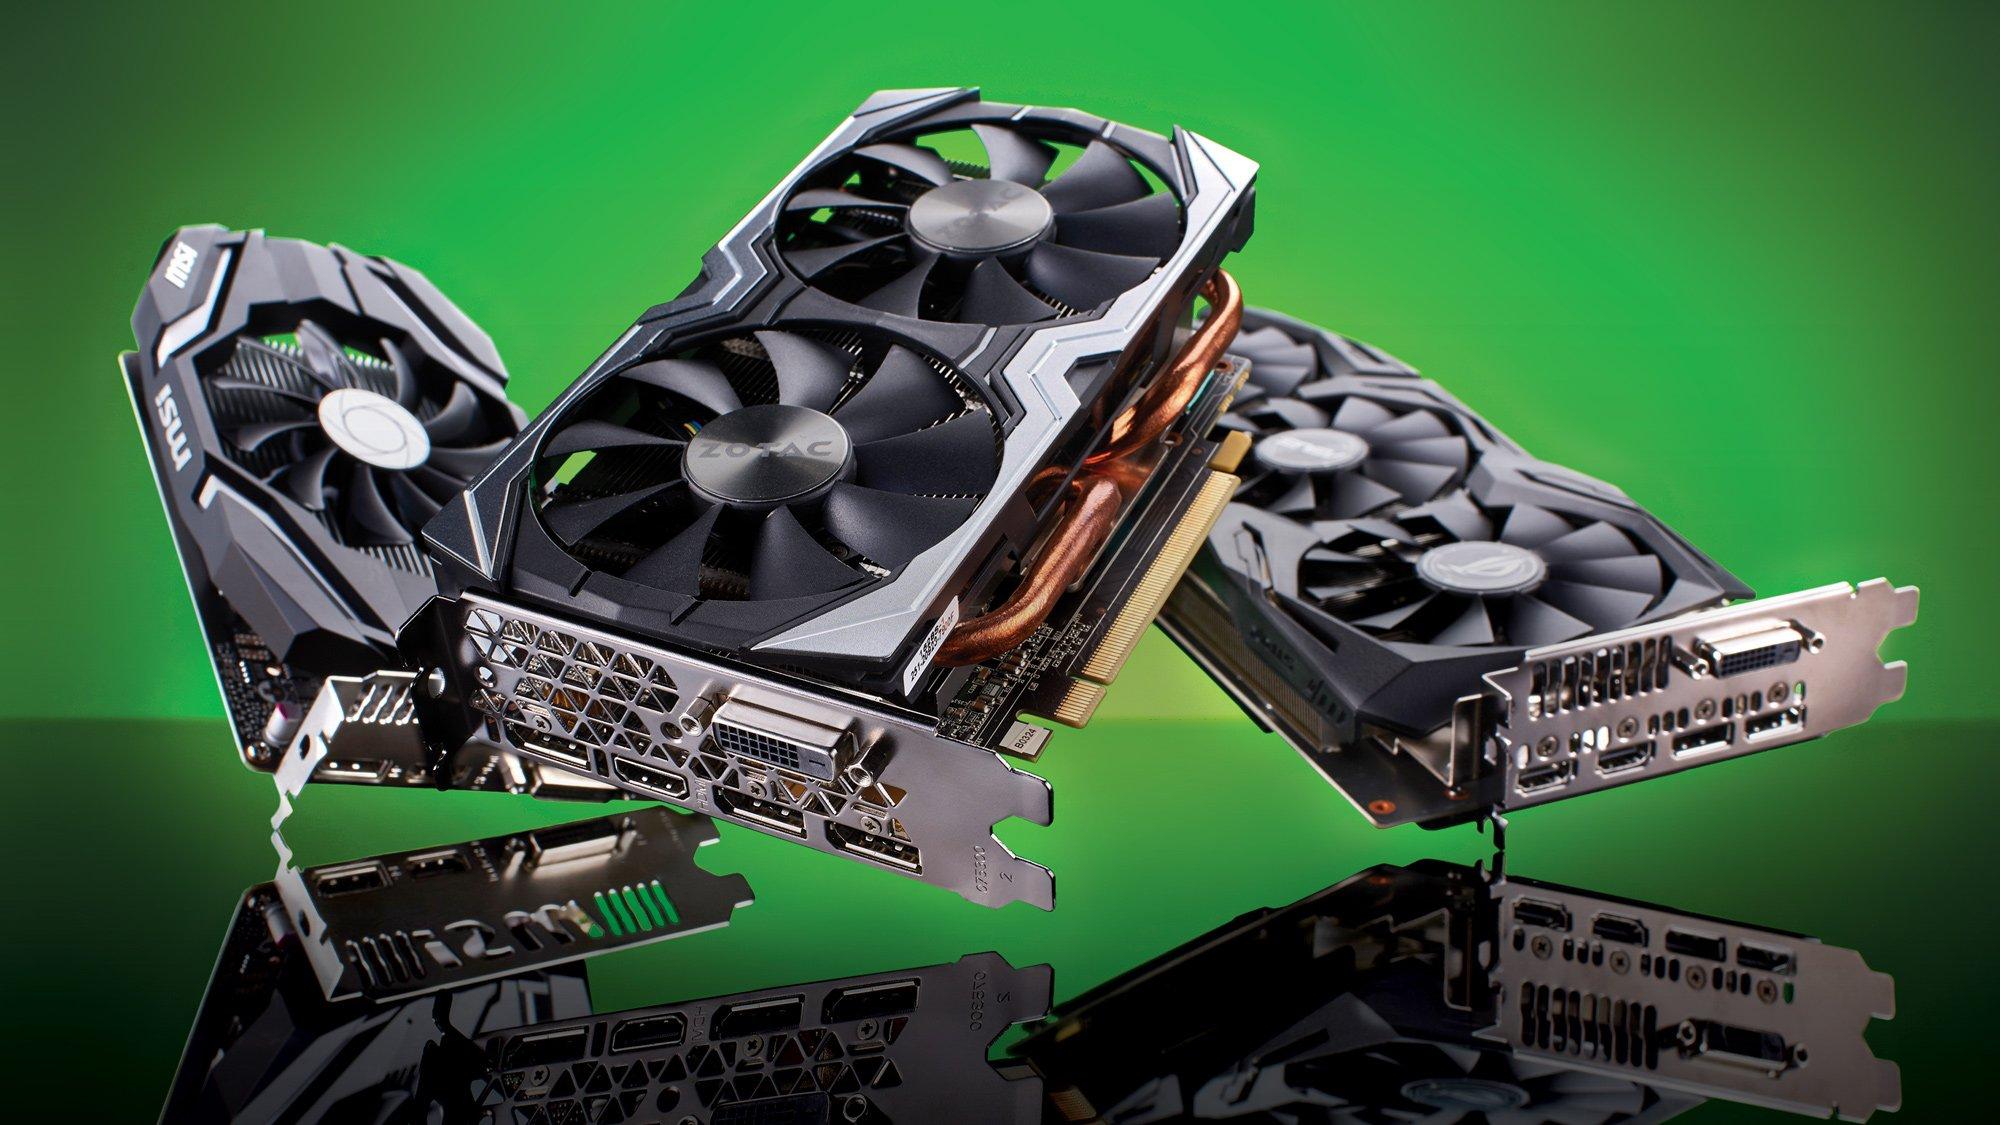 Продажи графических чипов растут. AMD и Nvidia выигрывают от потерь Intel